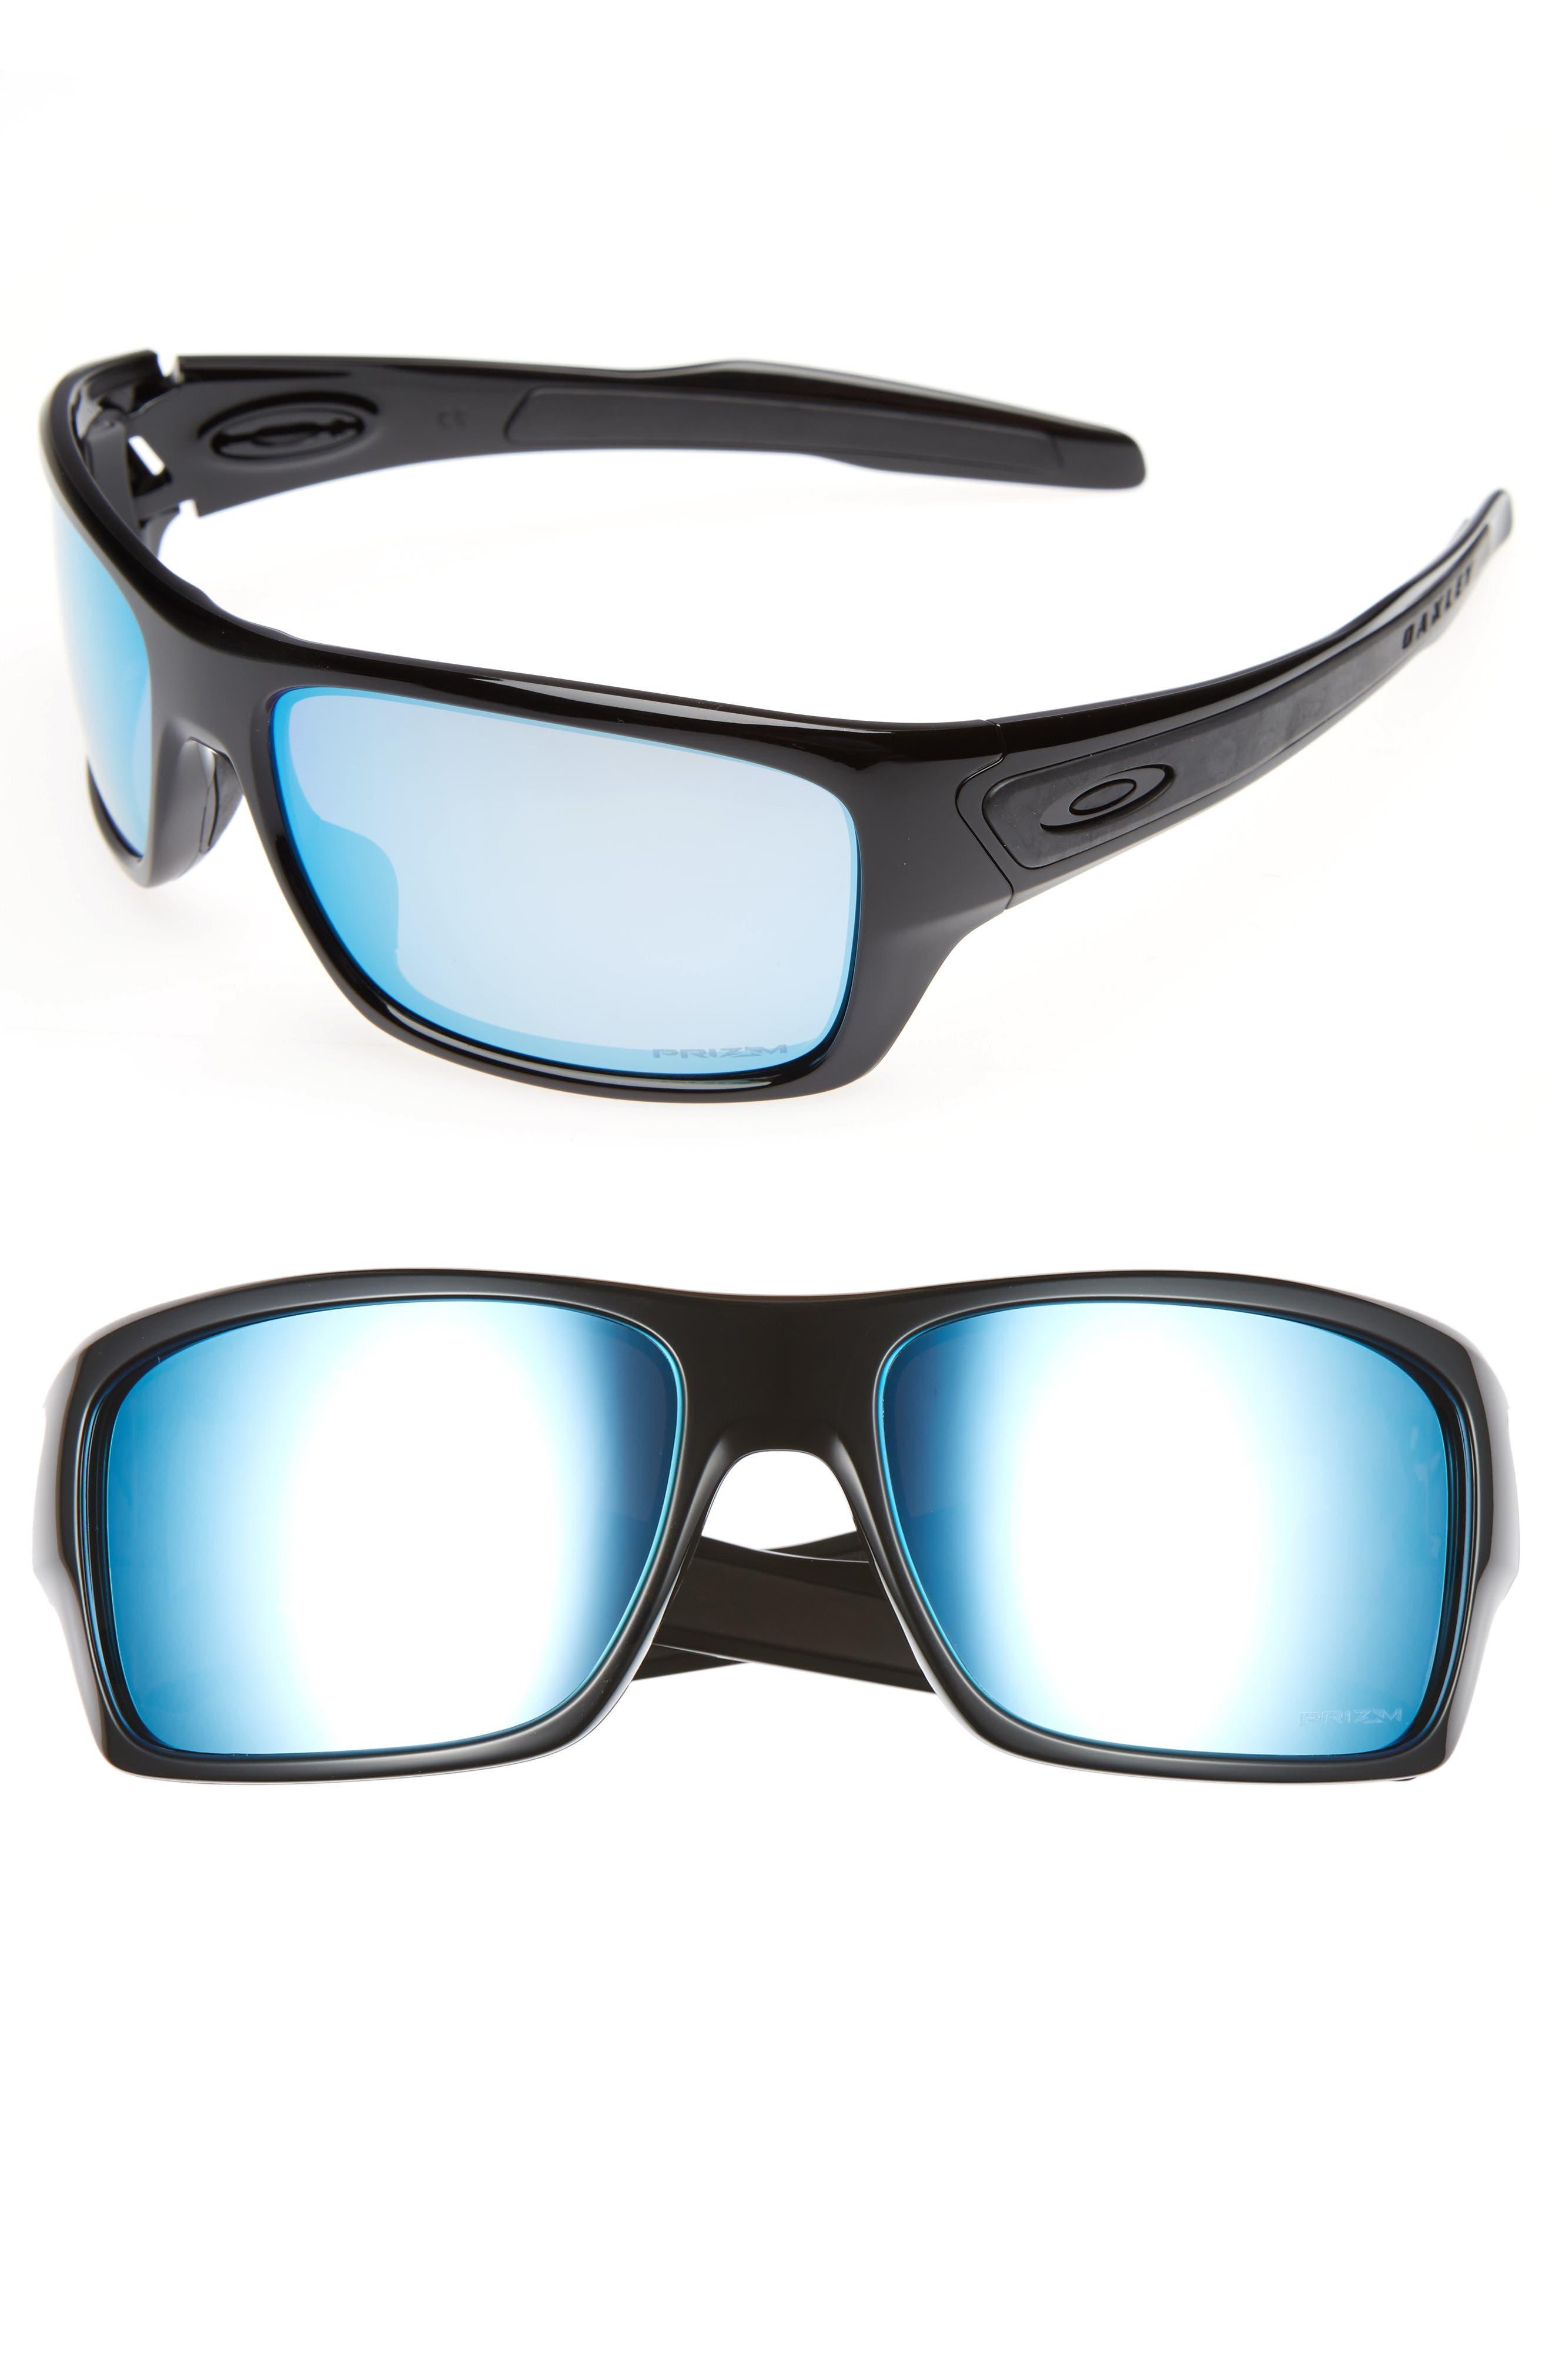 Turbine H2O 65mm Polarized Sunglasses,                         Main,                         color, BLACK/BLUE